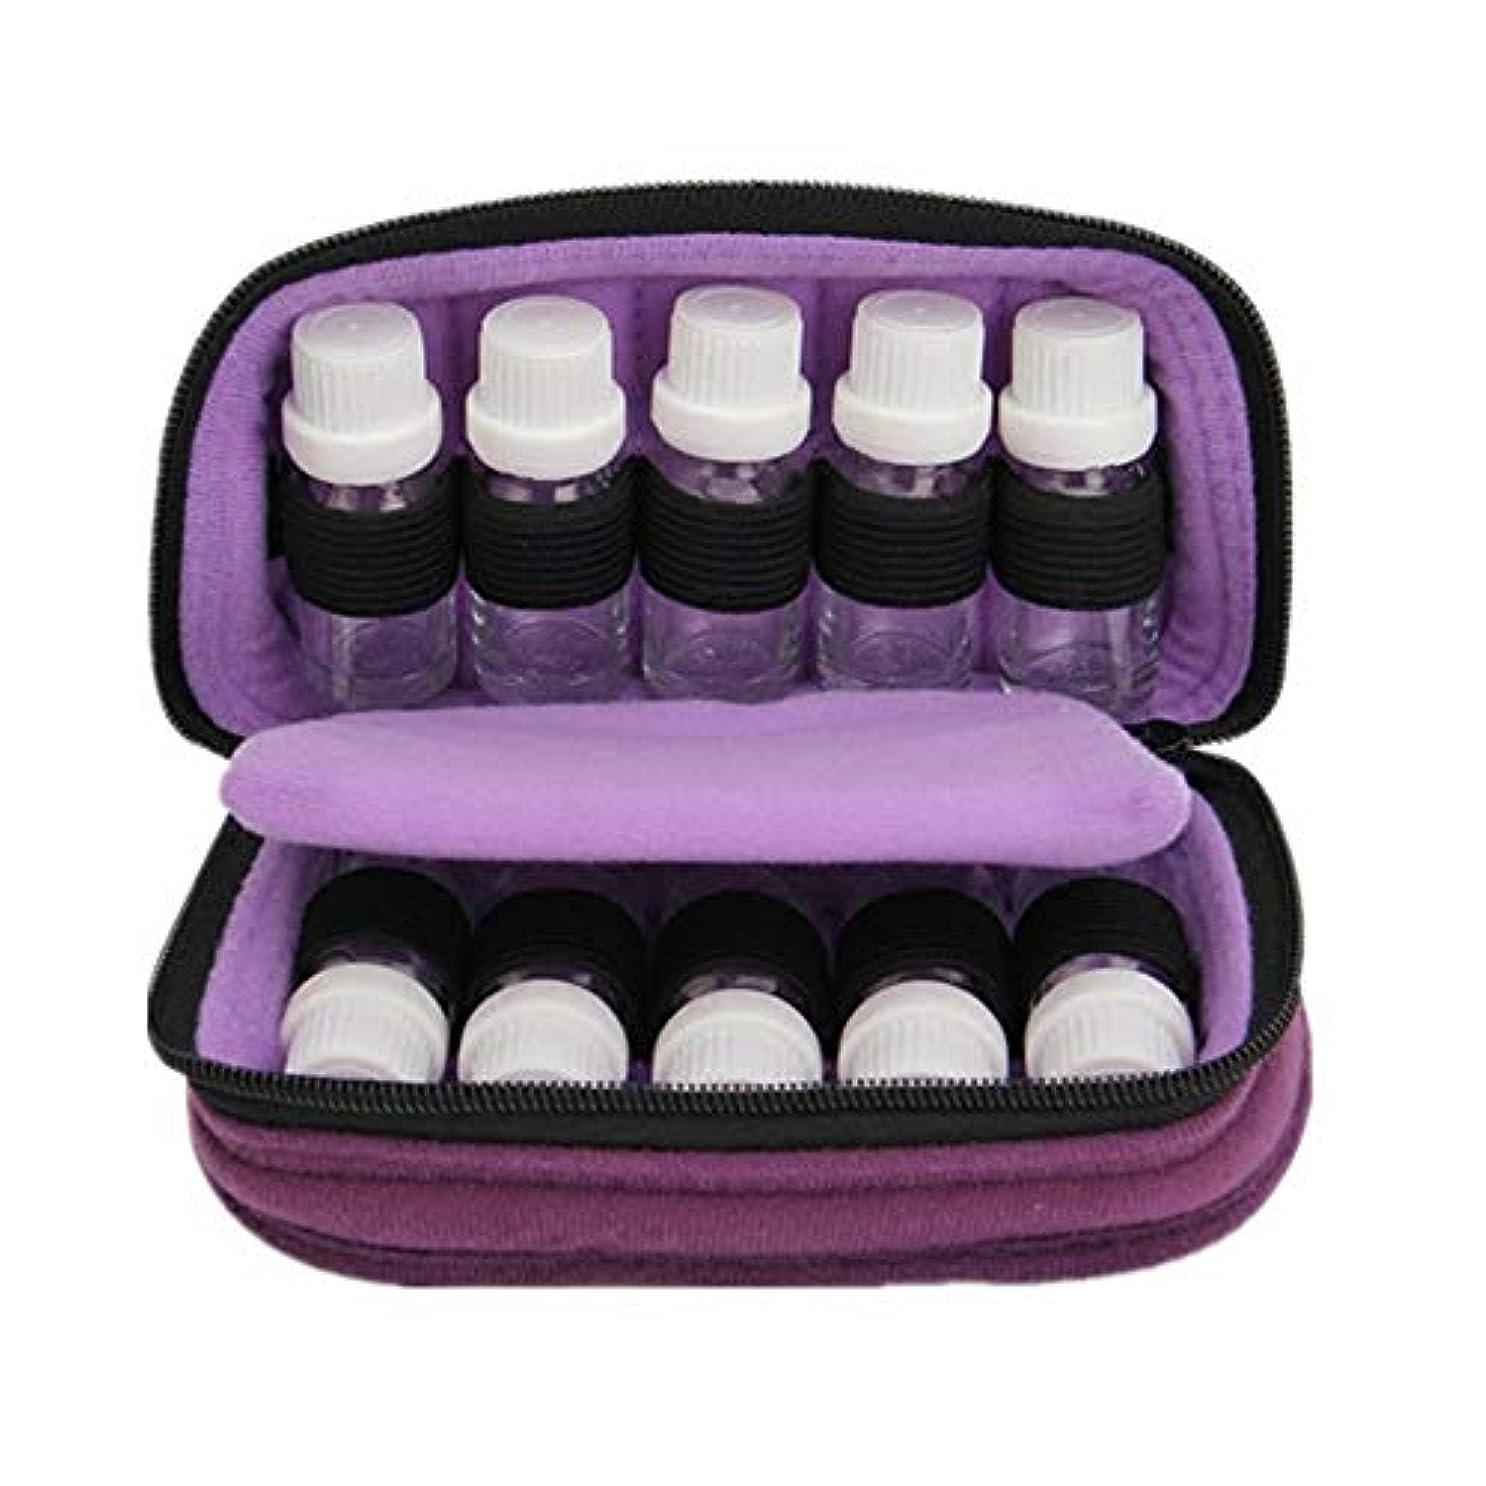 説明ジャンク公爵夫人アロマポーチ ケース収納キャリング10ボトルエッセンシャルオイルは、走行用の10&15のM1トラベルオーガナイザーポーチバッグパーフェクトにフィット 旅行に最適です (色 : 紫の, サイズ : 18X10X7.5CM)